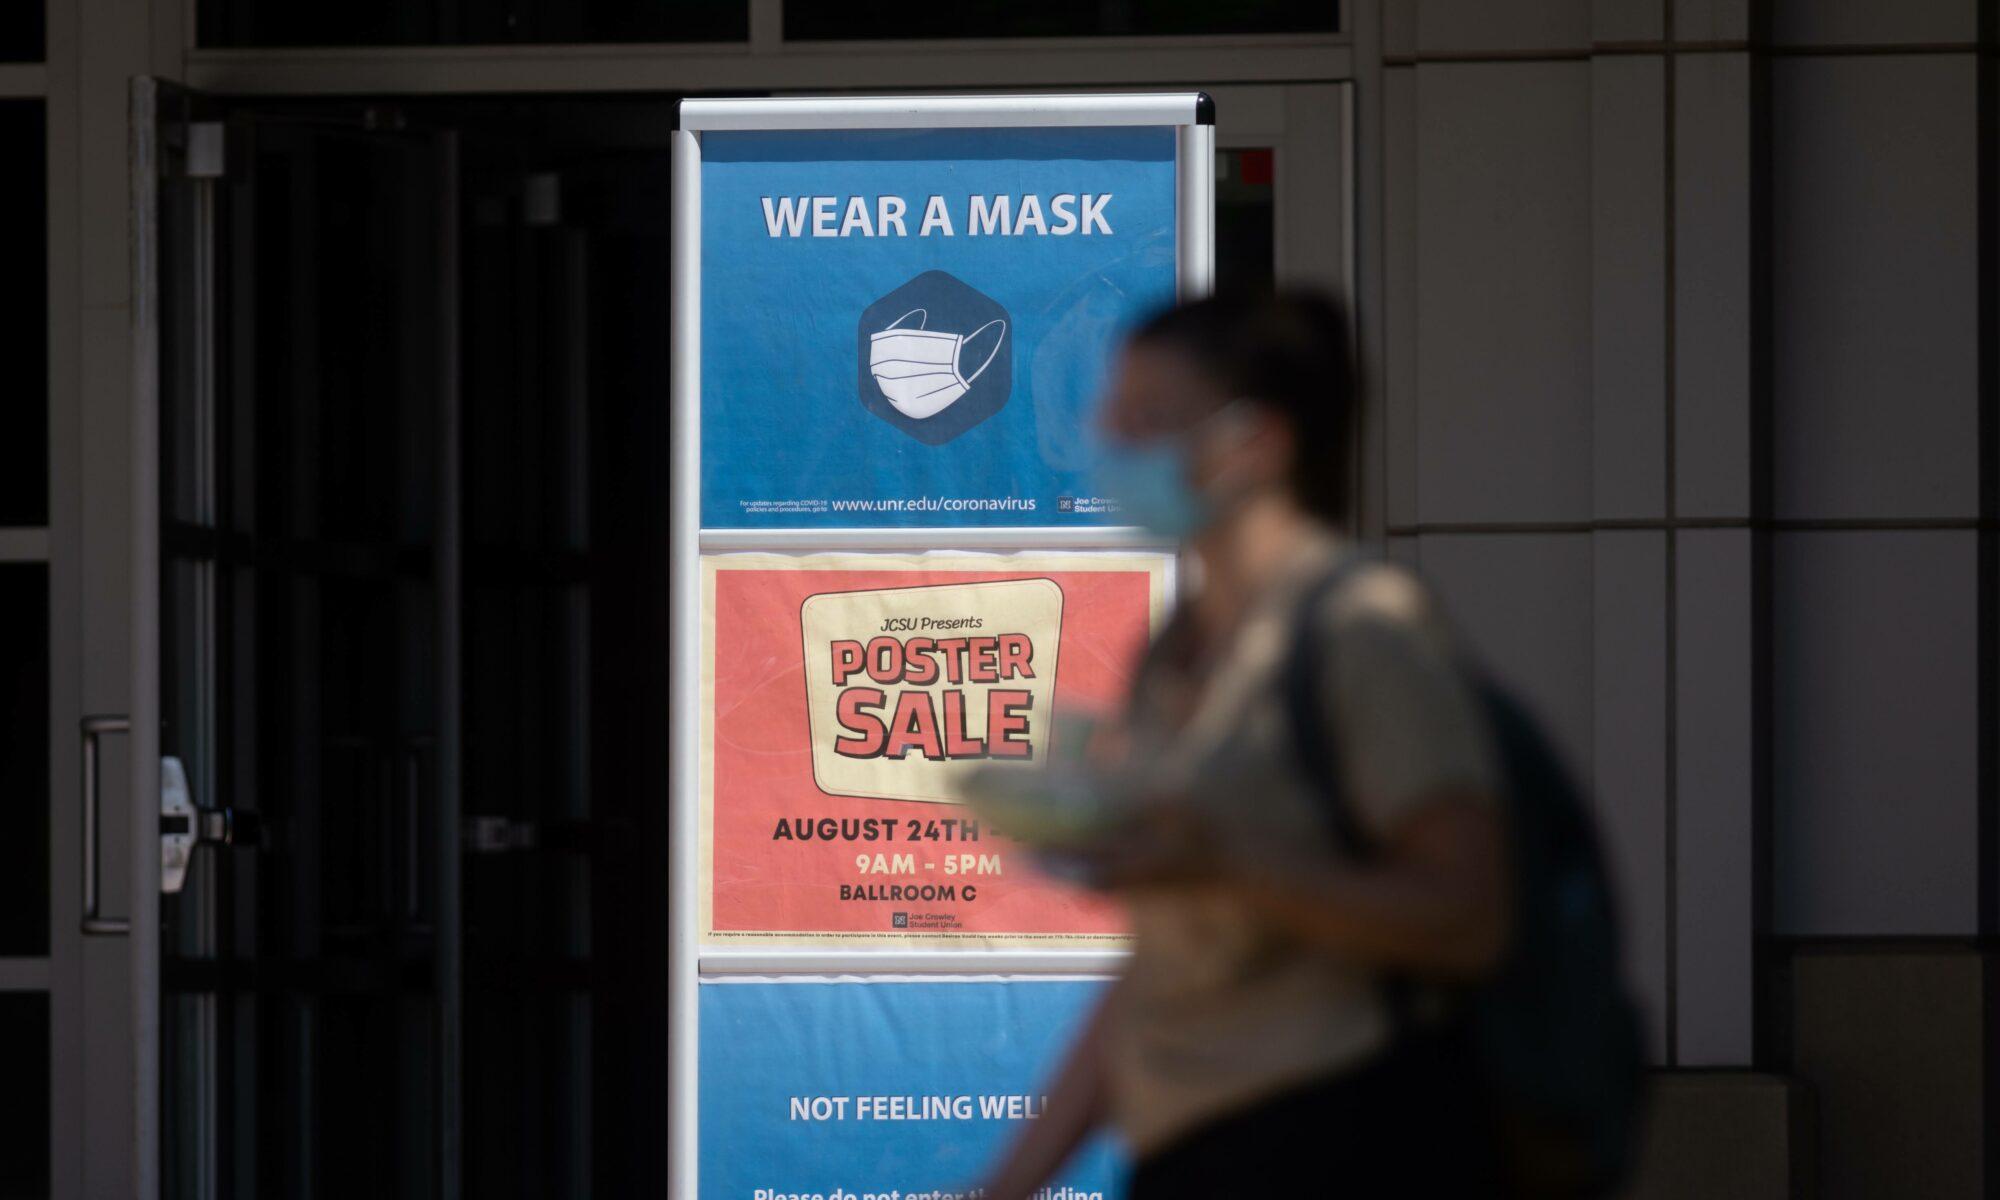 Un letreto que indica el uso obligatorio de máscara